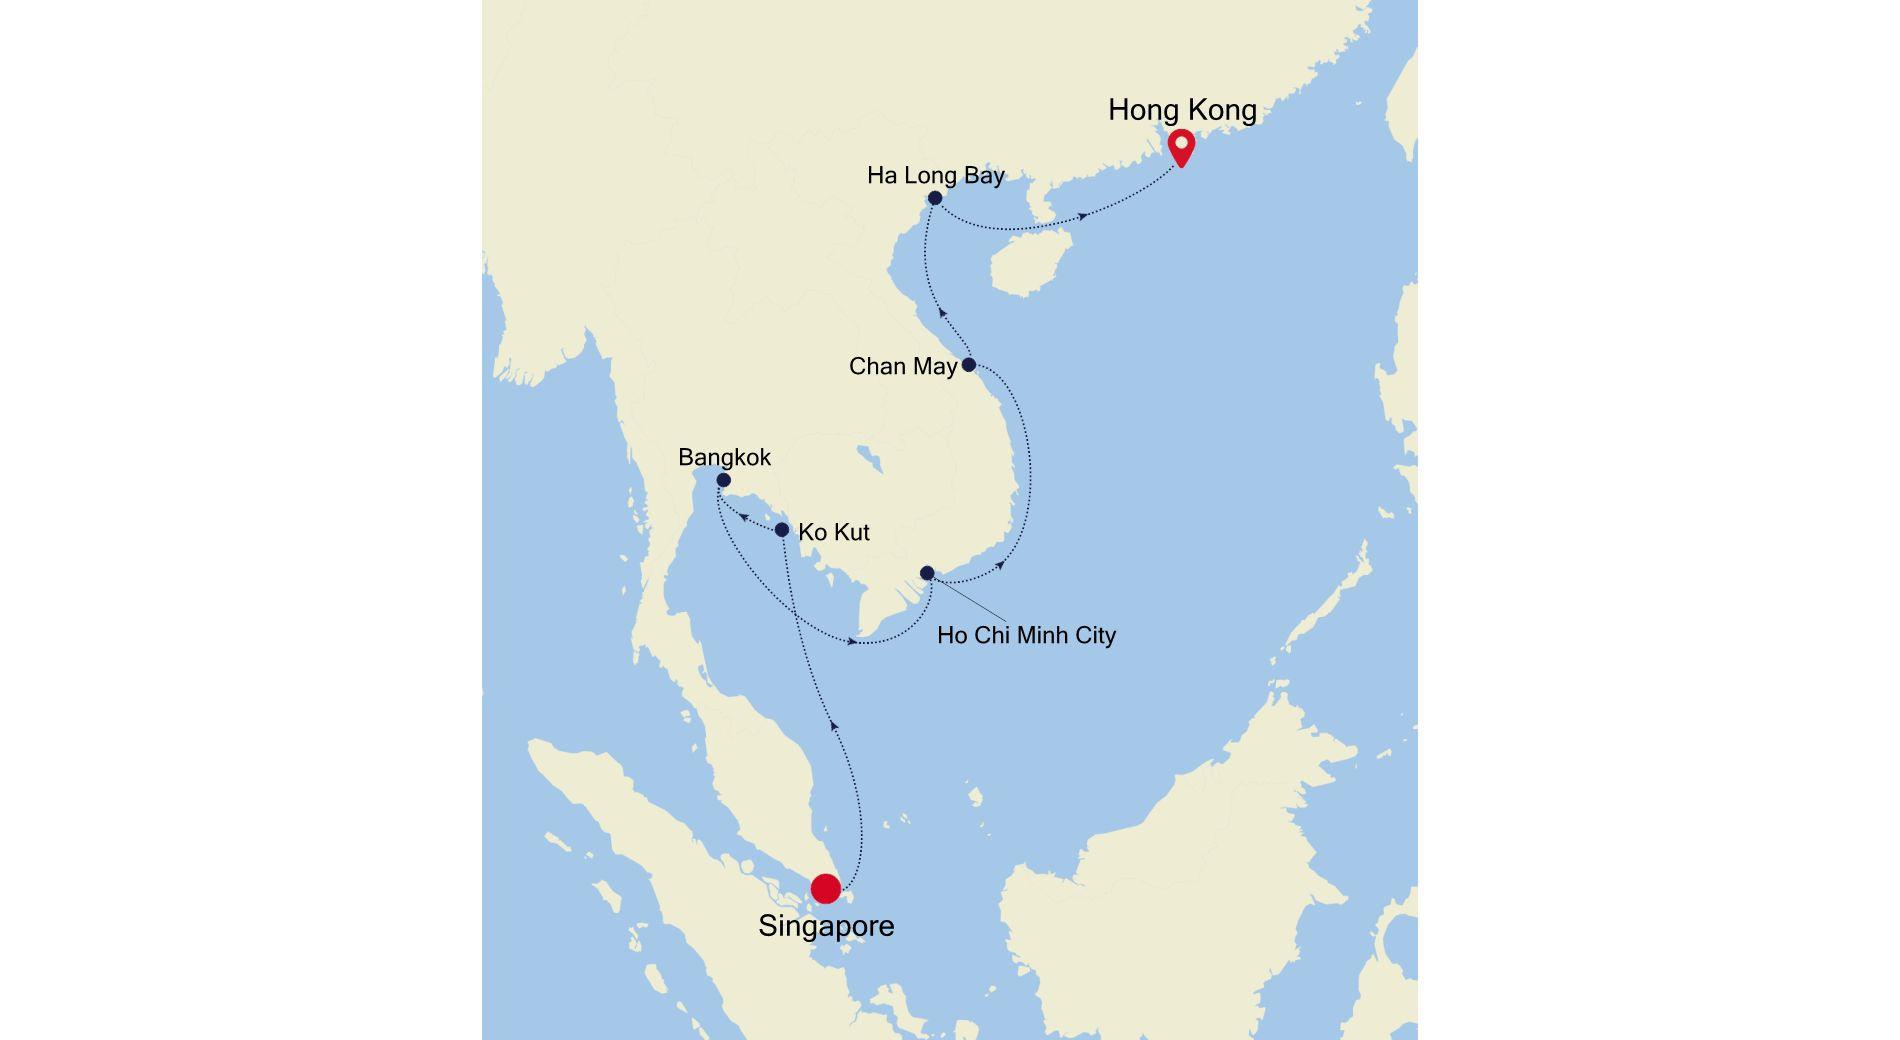 MO220105014 - Singapore à Hong Kong